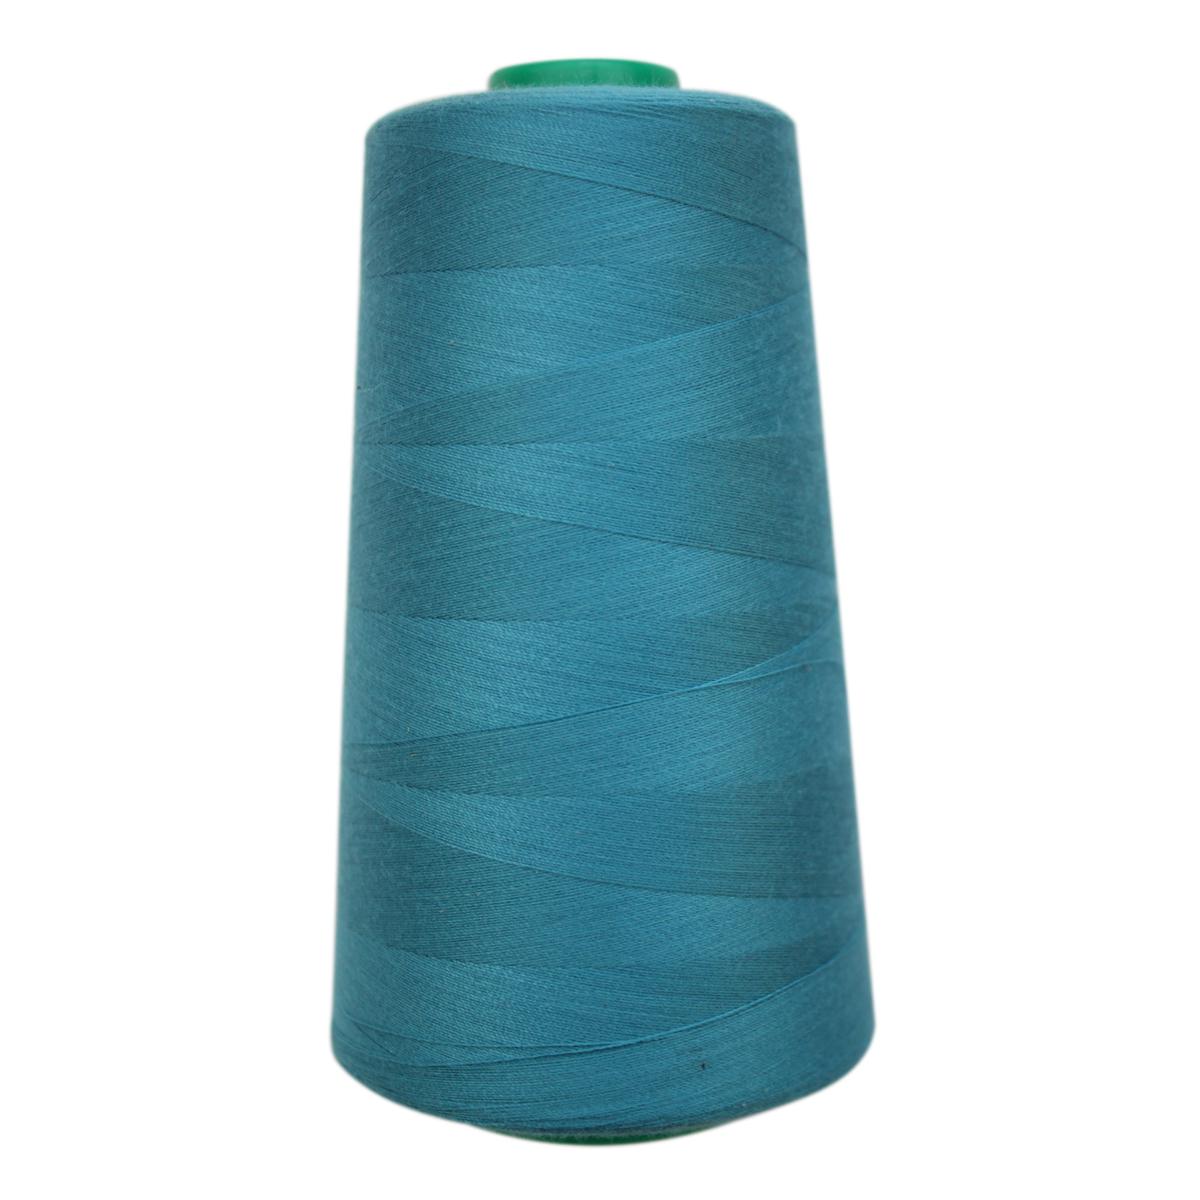 Нитки для шитья Bestex 50/2, 5000 ярд, цвет: св.морская-волна (110)7700936-110Сфера использования: трикотаж; ткани малого веса; оверлочные швы; отделка краев; вышивка. Размер игл №70-80